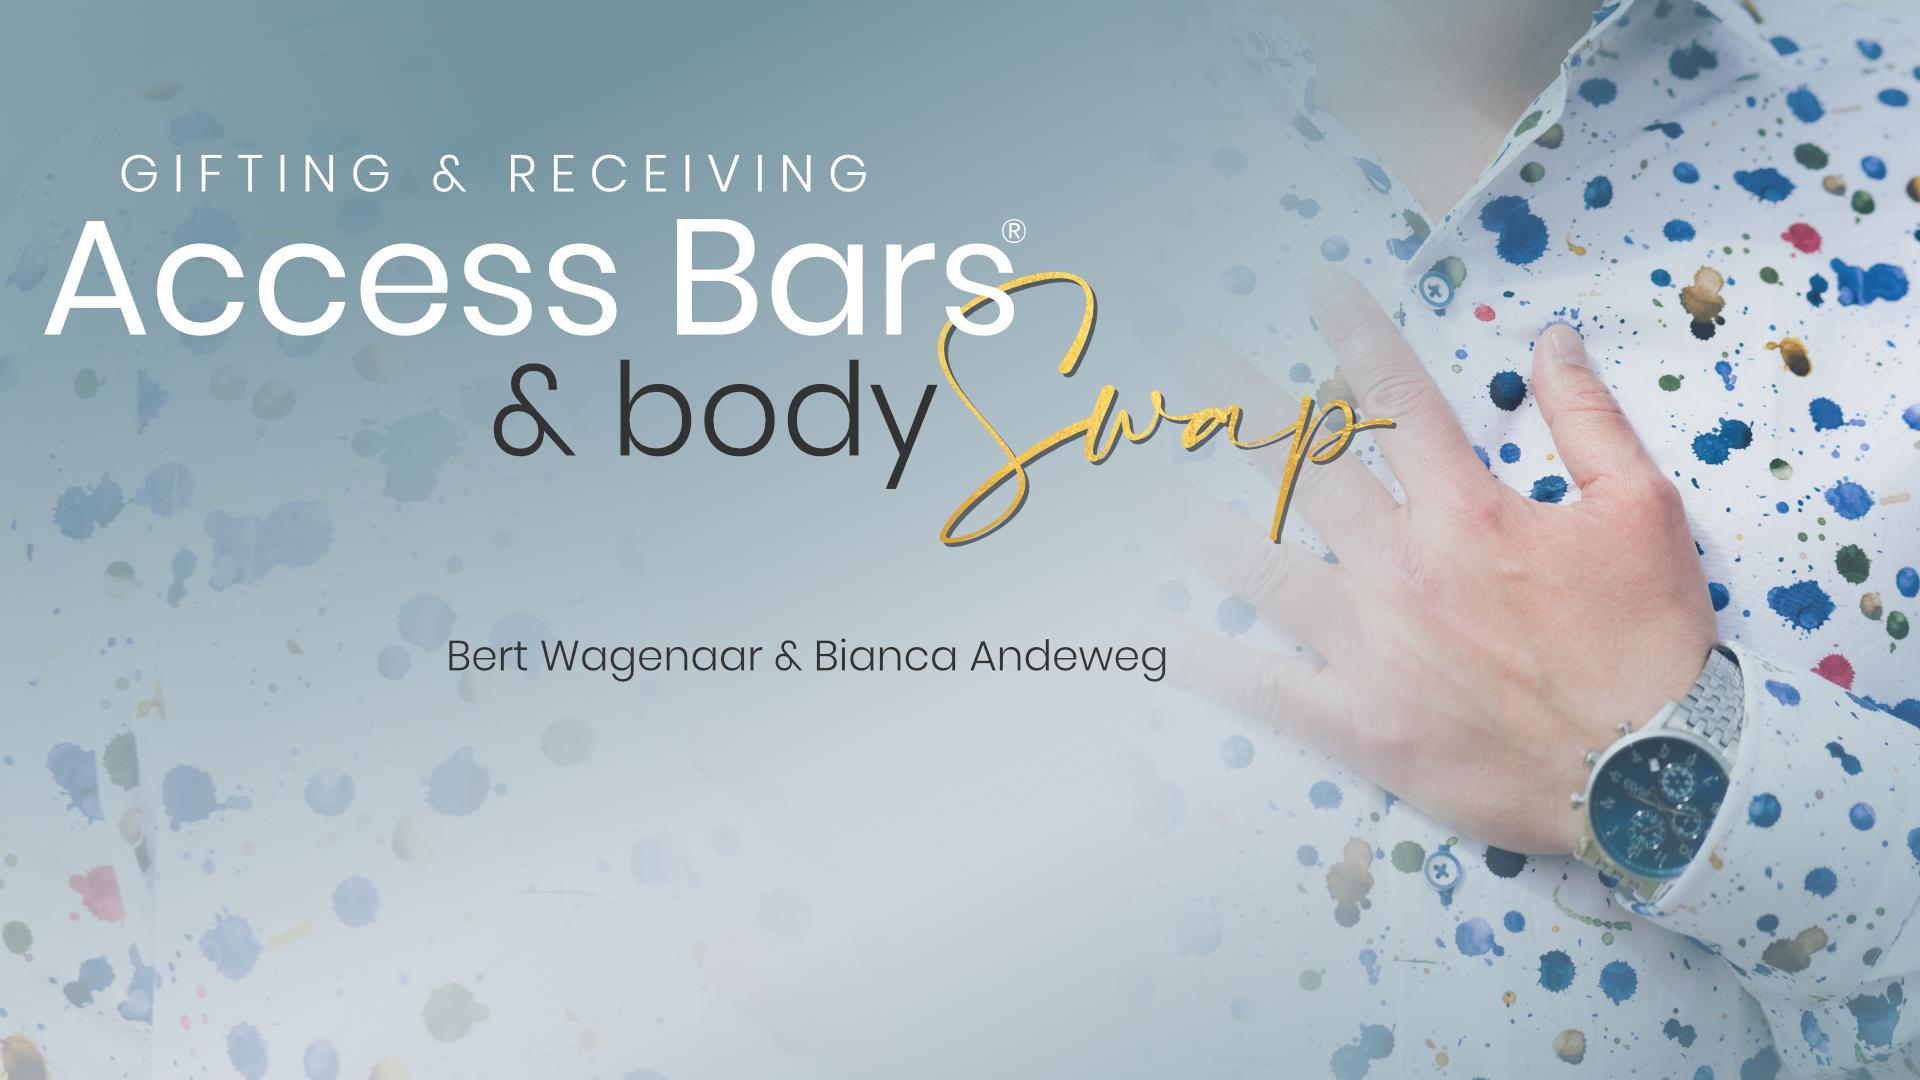 Access Bars Swapavond